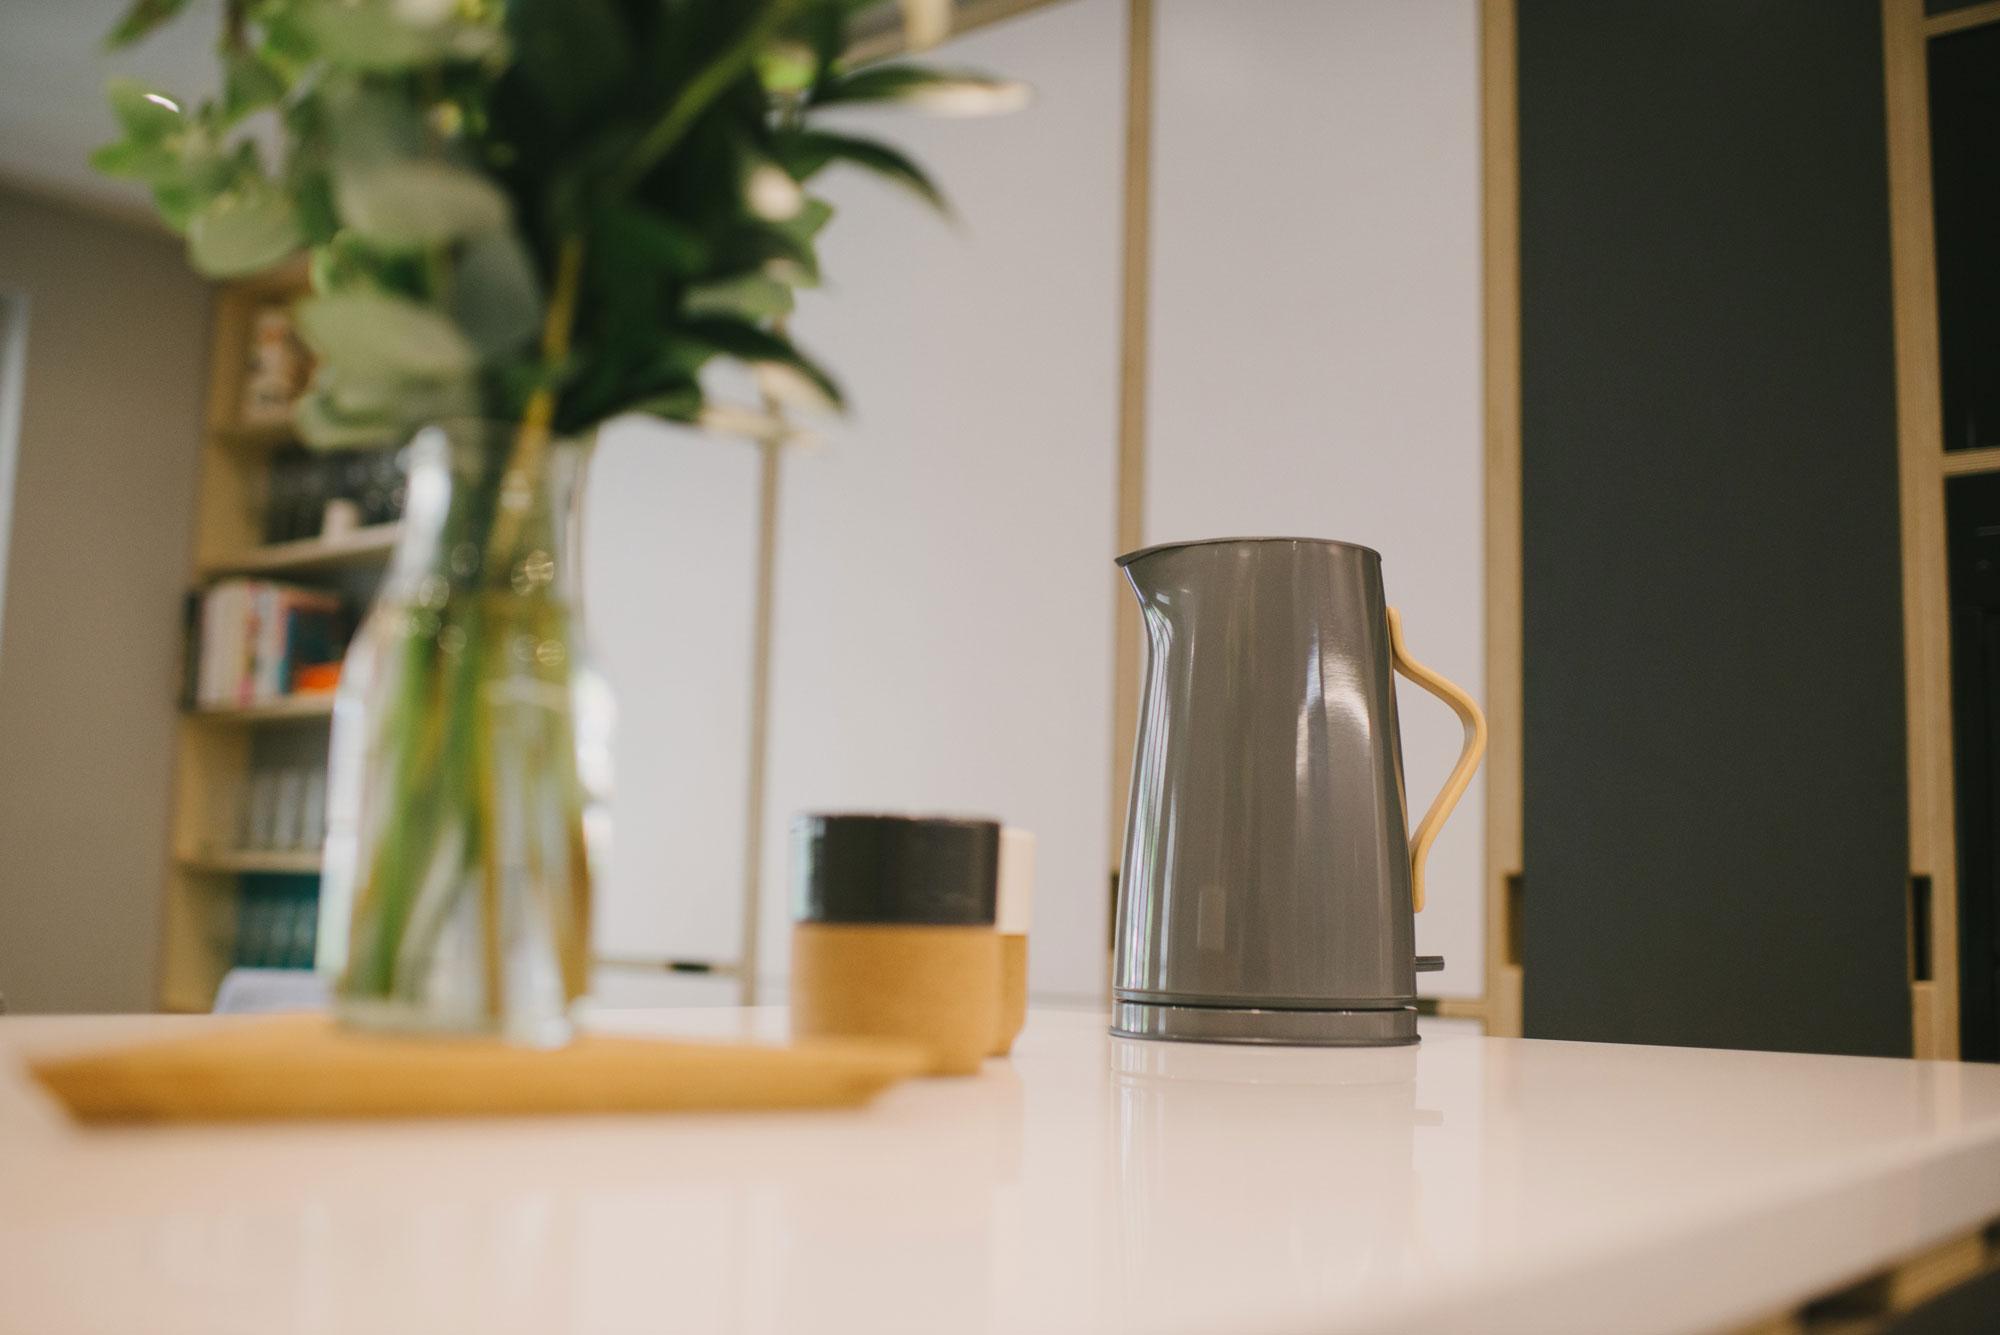 Grey Stelton Emma kettle and vase